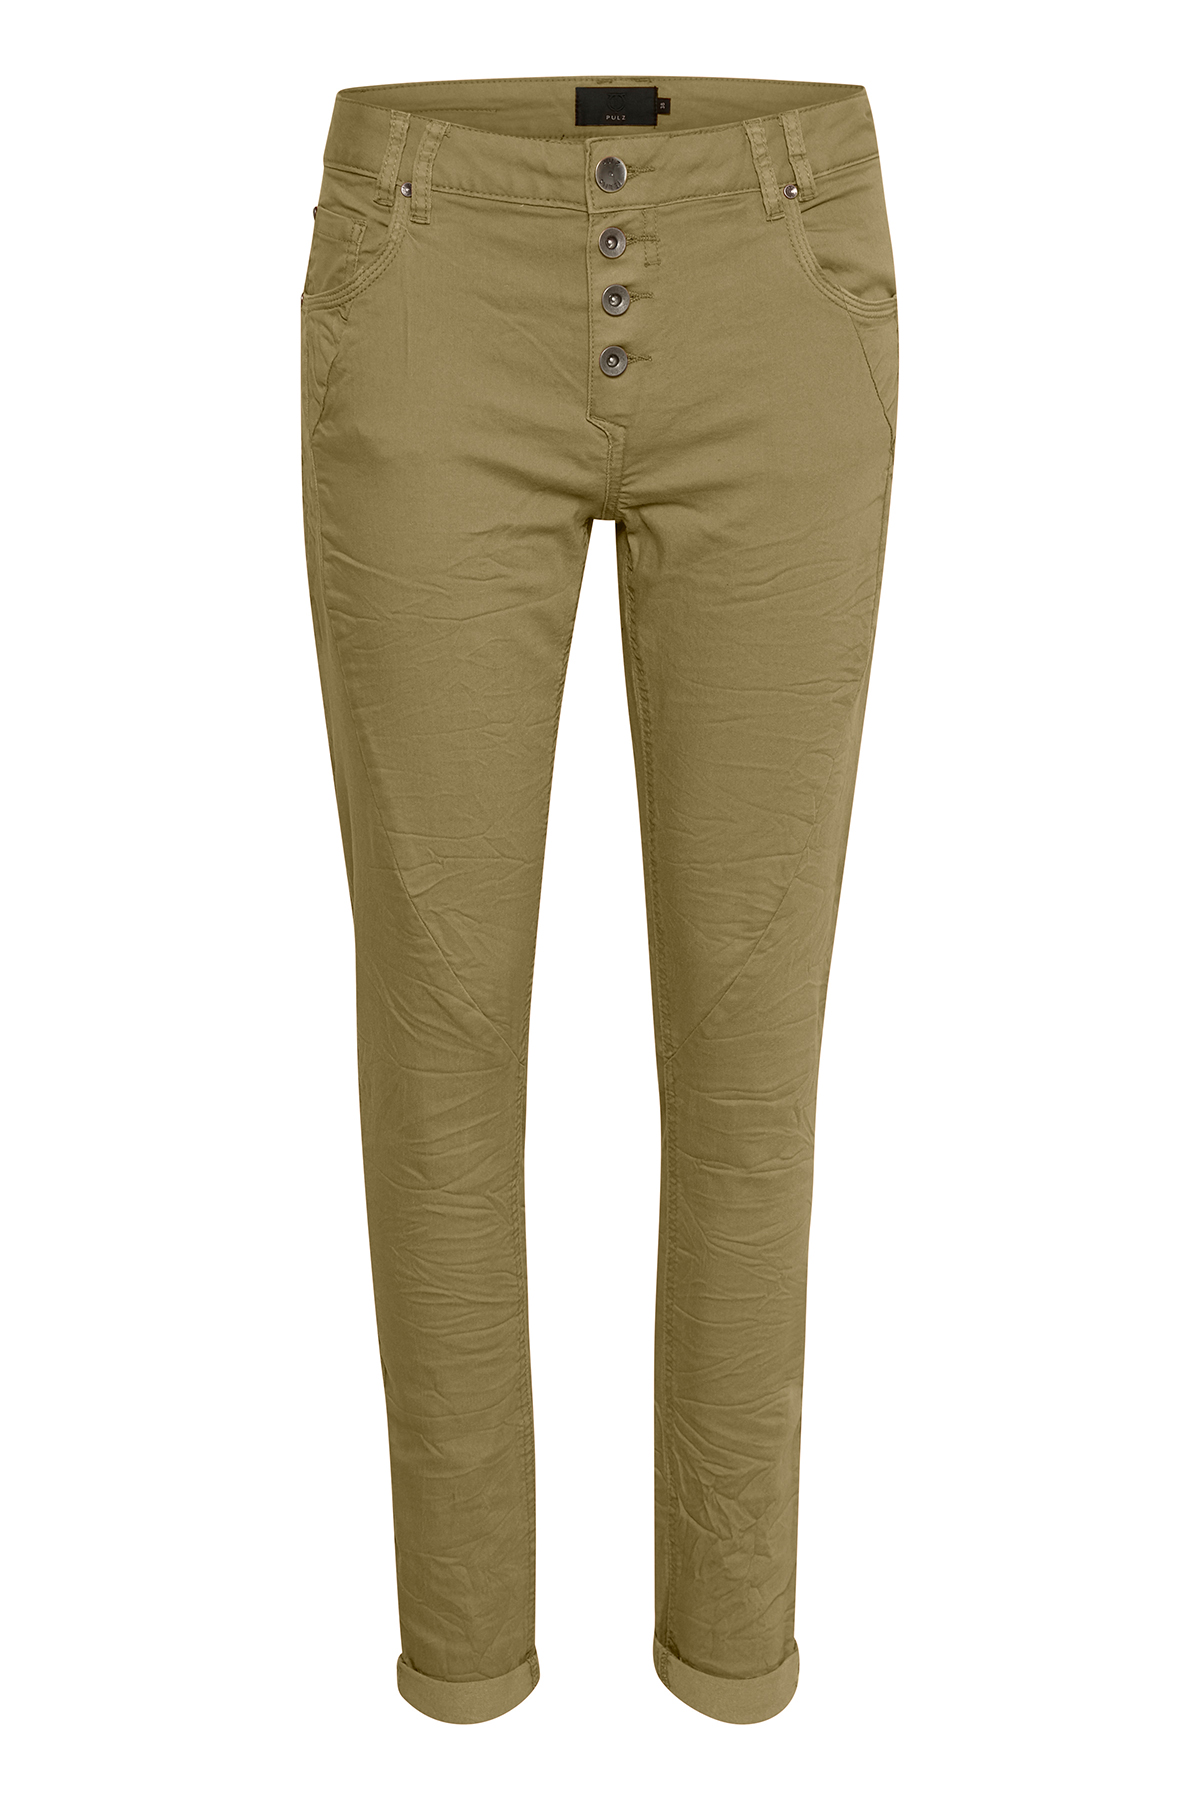 Olivgrön Casual byxor från Pulz Jeans – Köp Olivgrön Casual byxor från stl. 32-46 här